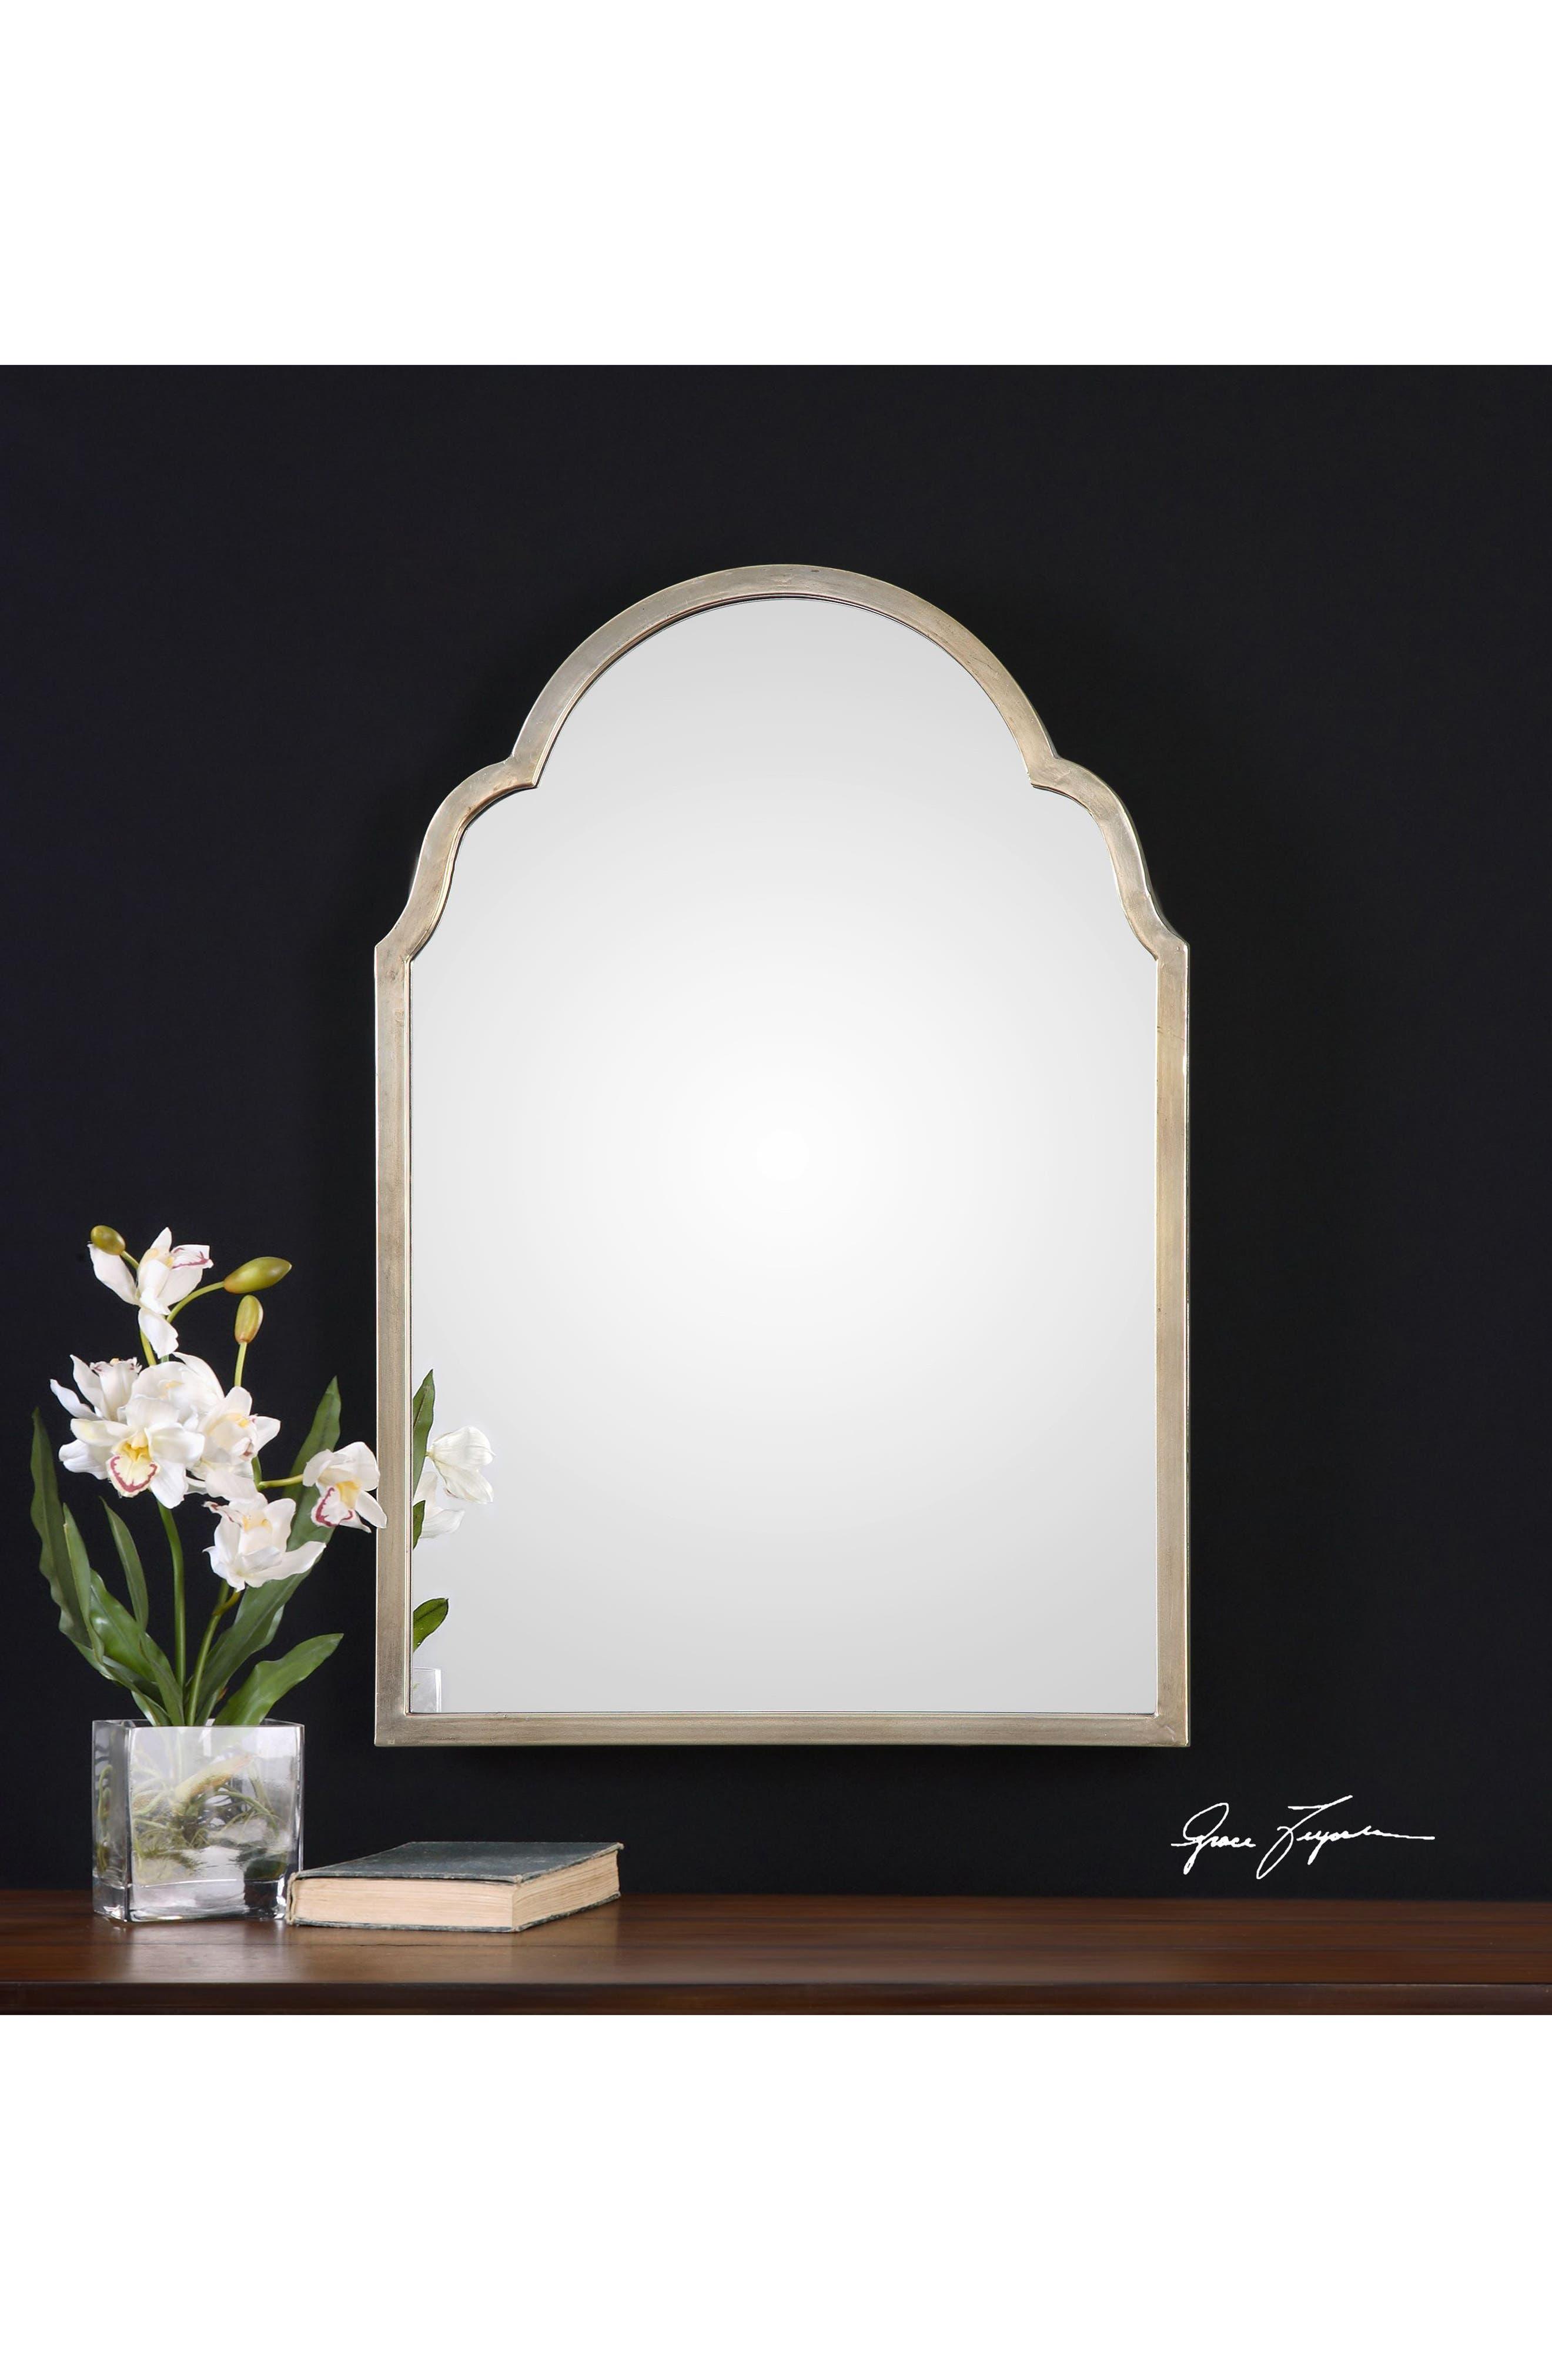 Brayden Small Arch Mirror,                             Alternate thumbnail 2, color,                             Metallic Silver